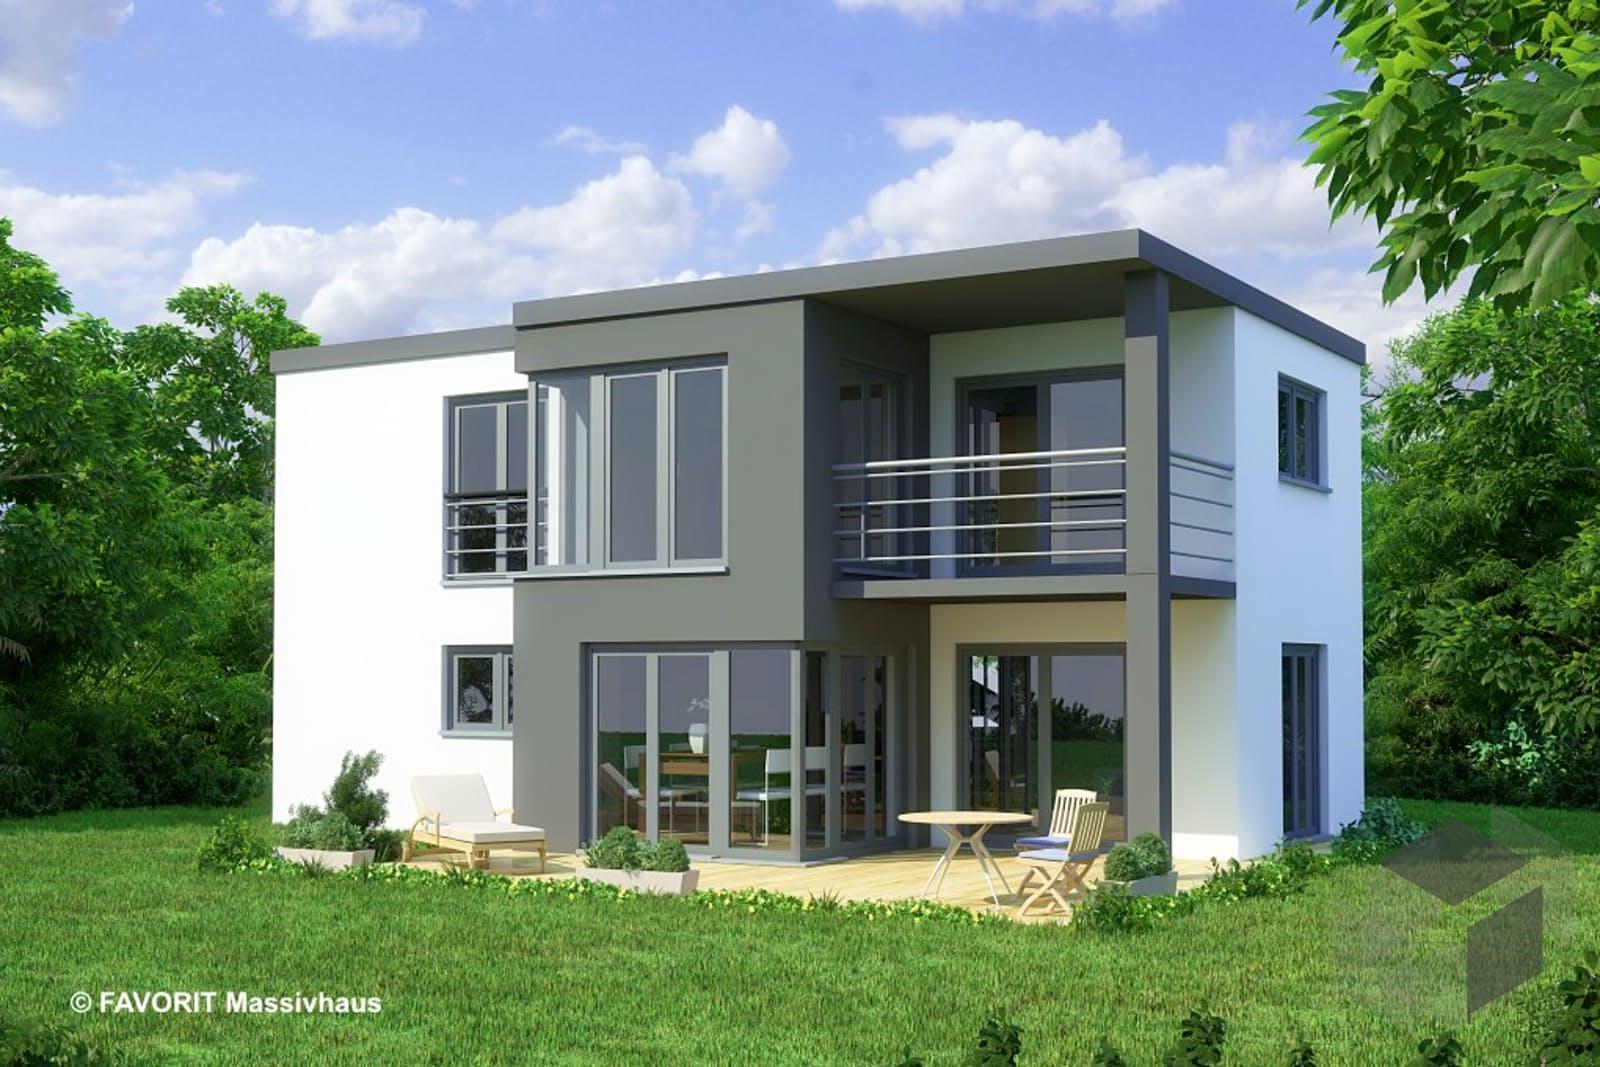 concept design 108 von favorit massivhaus komplette daten bersicht. Black Bedroom Furniture Sets. Home Design Ideas